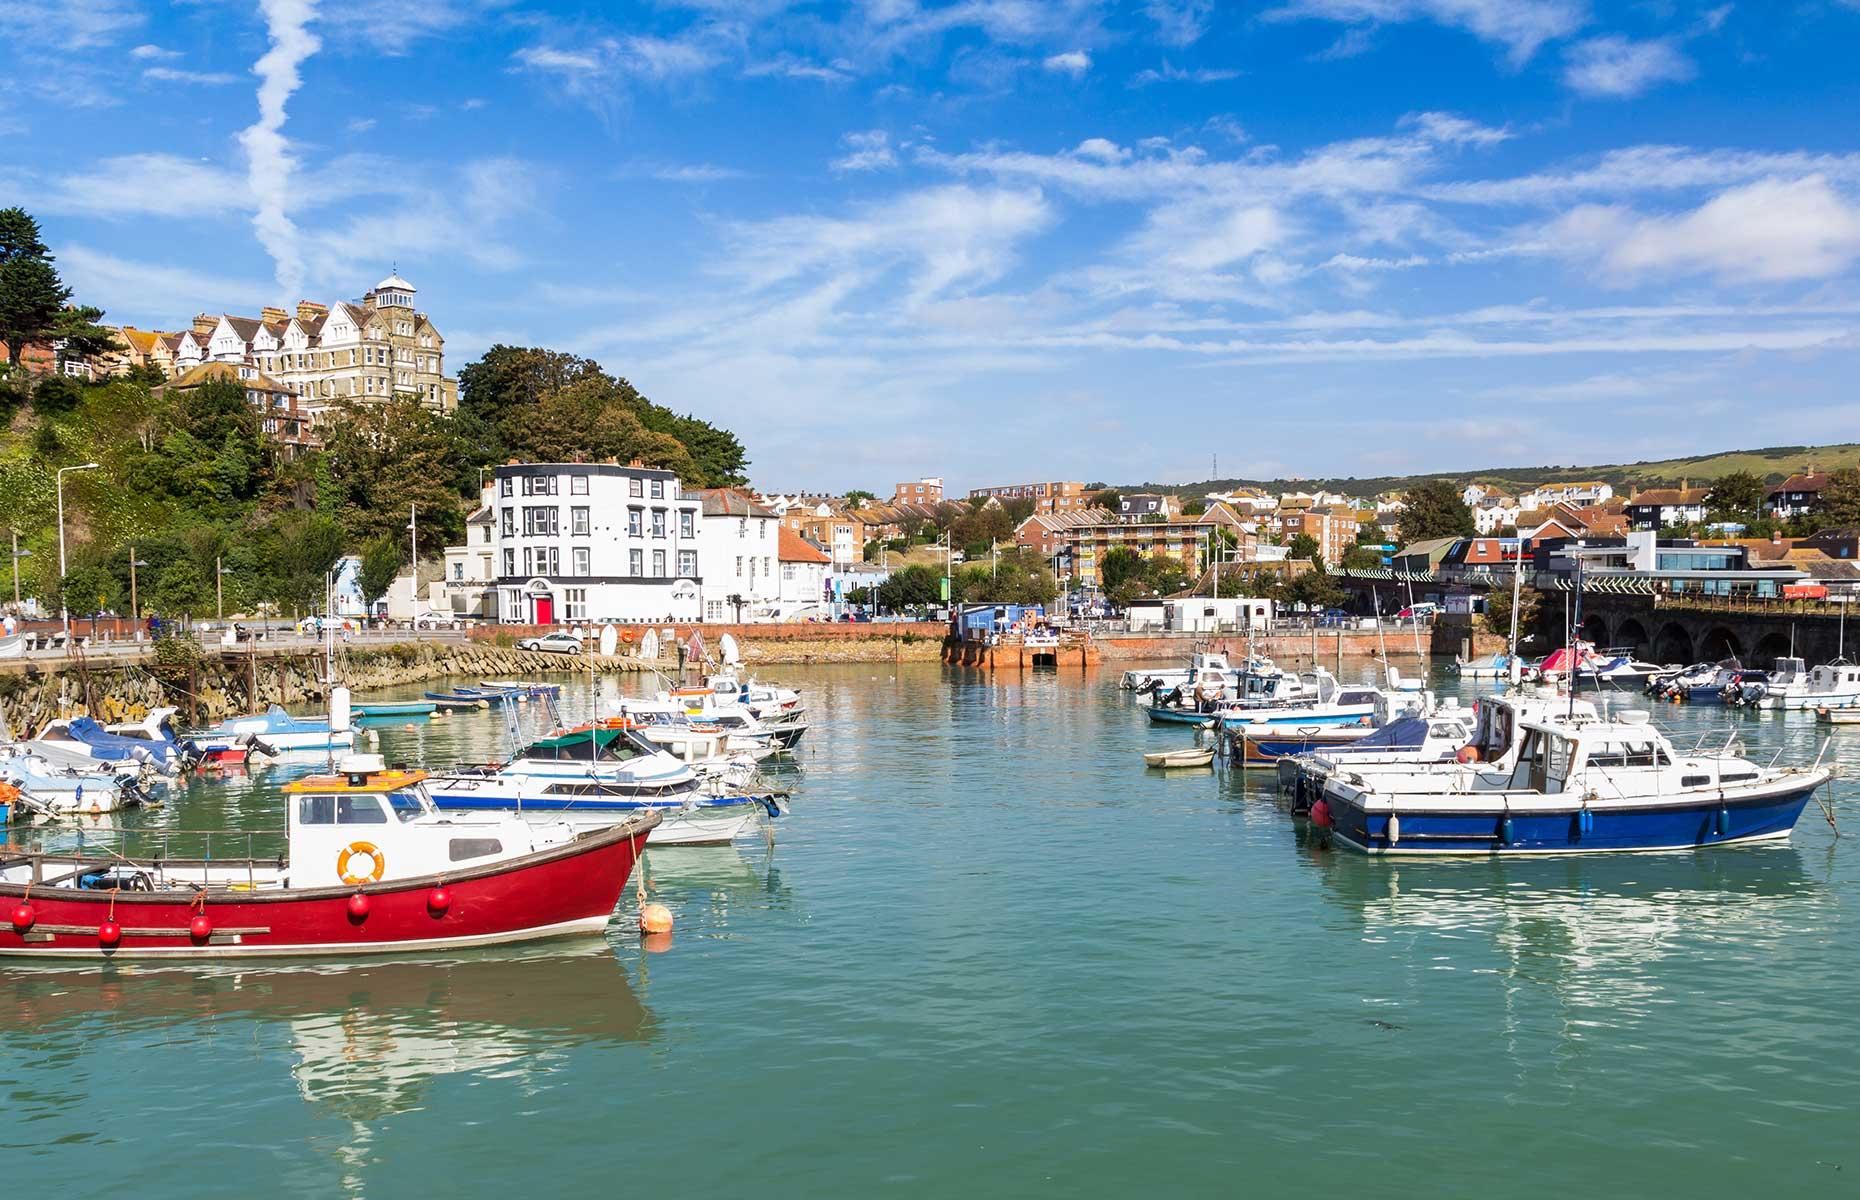 Folkestone, Kent (Images:  ian woolcock/Shutterstock)